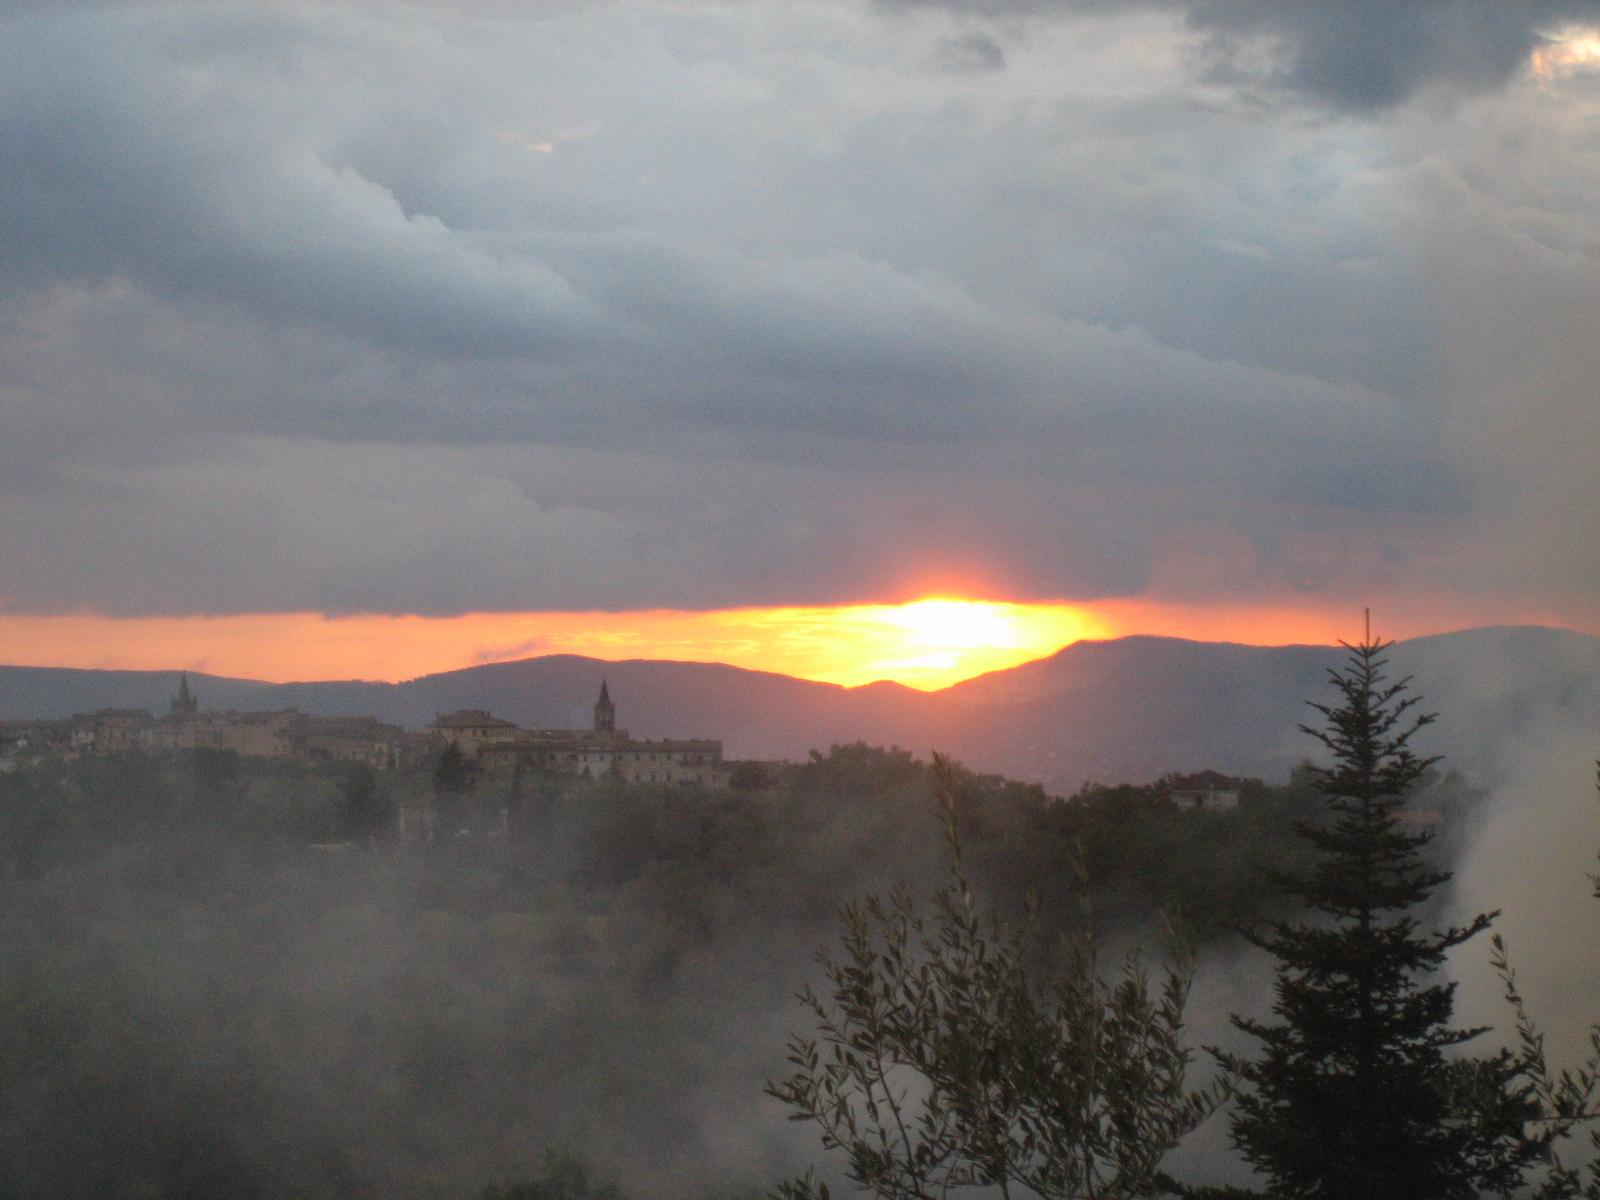 foto al tramonto in Terni – Collescipoli,Nuvole incombenti, nebbia e l'atmosfera diventa spettrale!